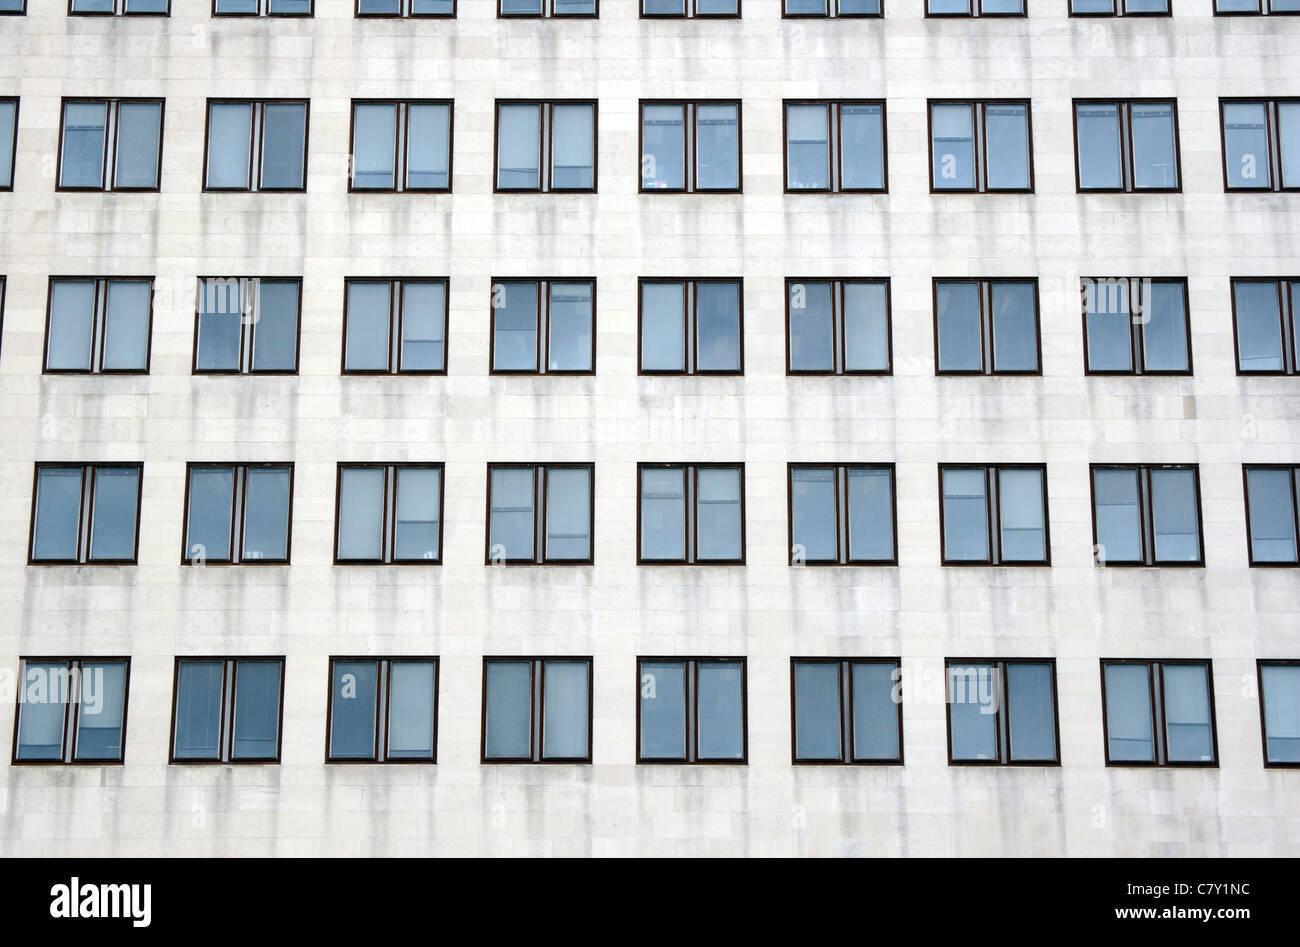 Blocco ufficio dettaglio, London, England, Regno Unito Immagini Stock